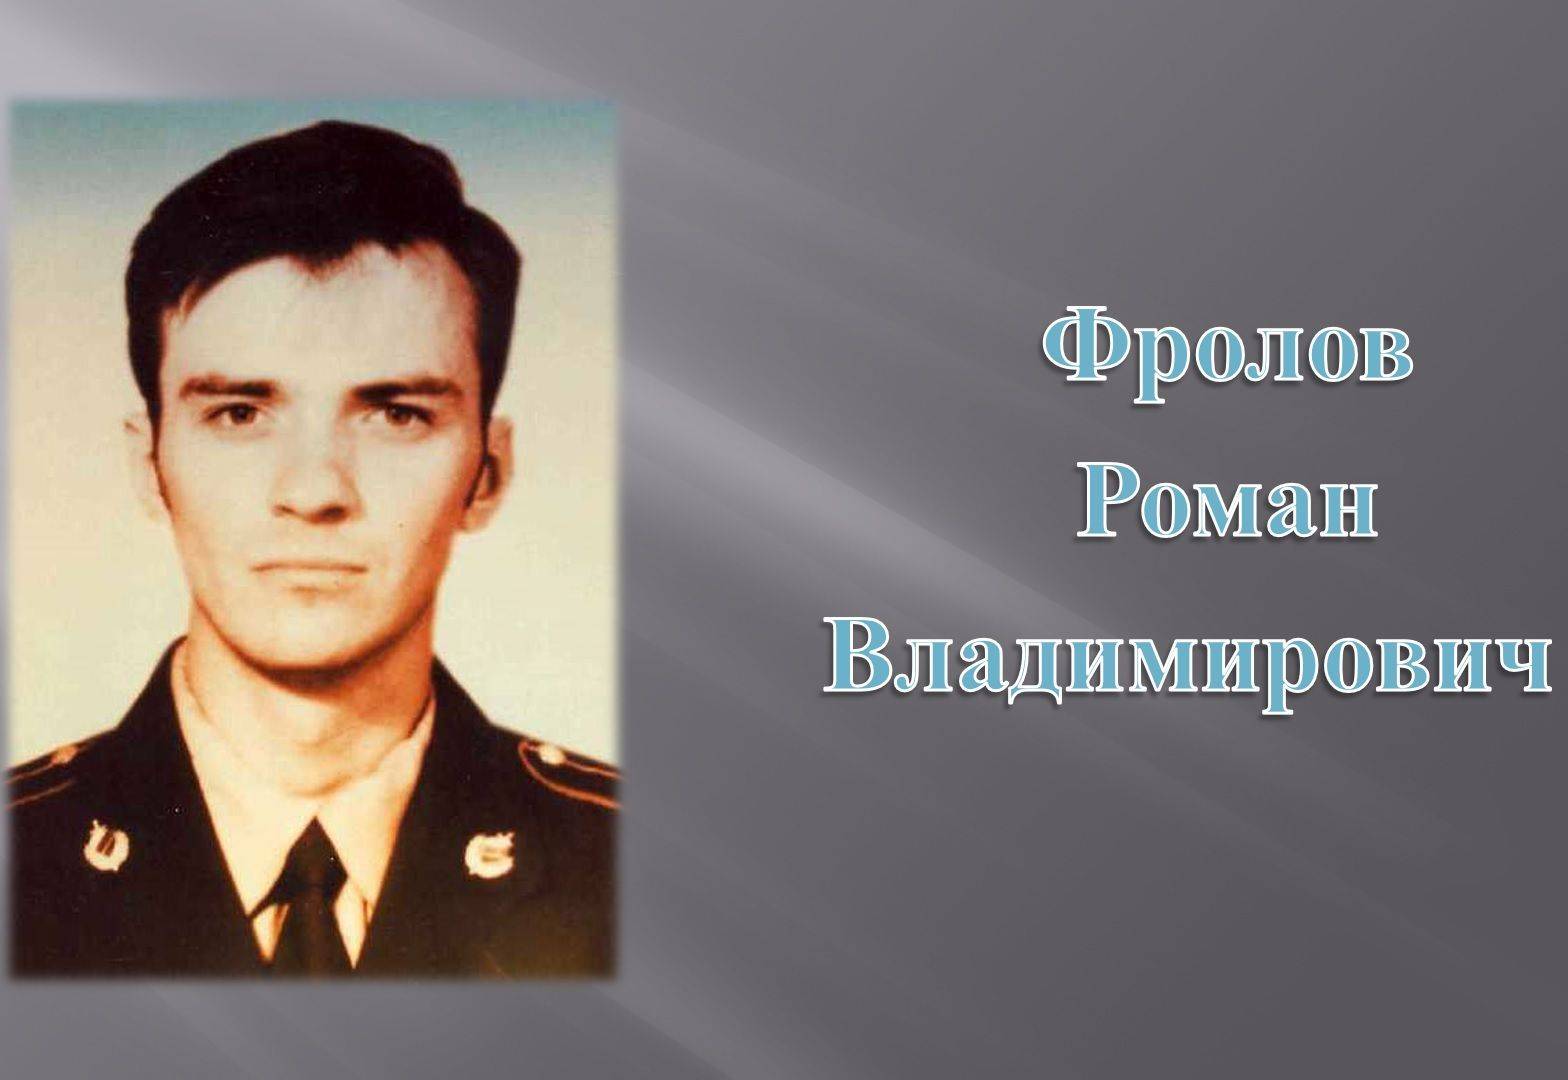 Фролов Р.В.